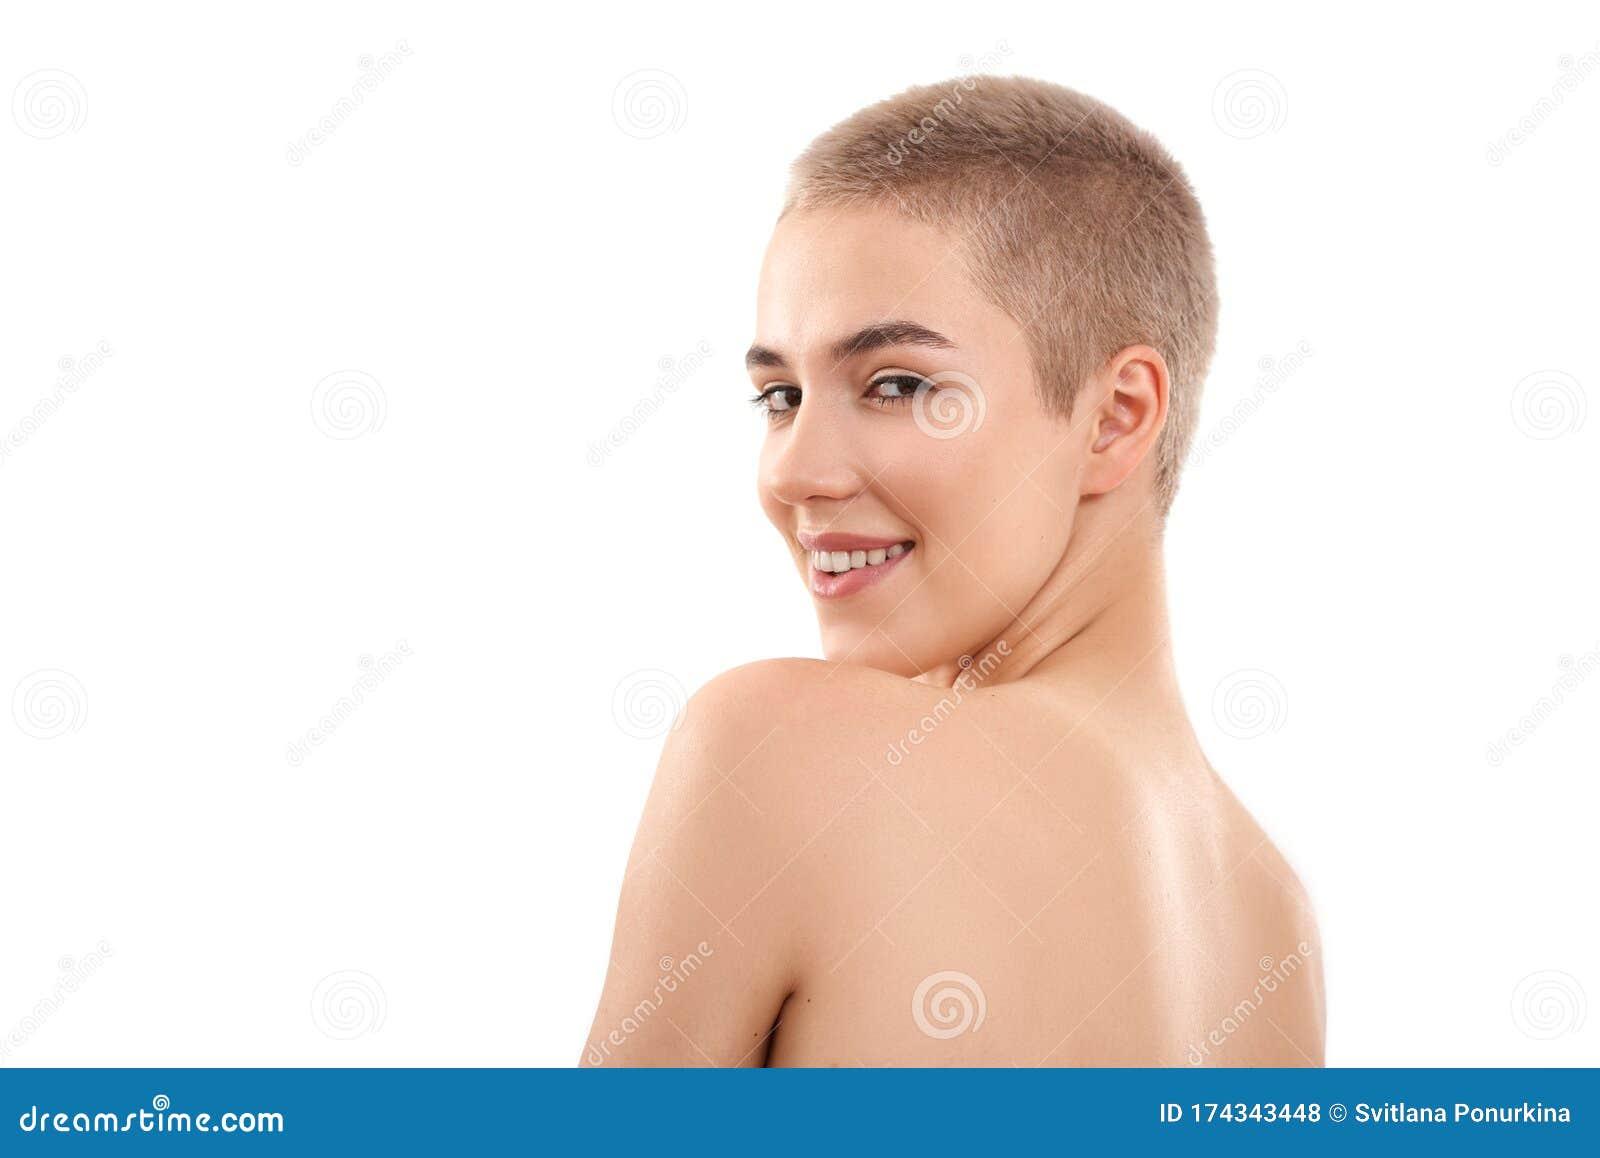 Kurze blonde Frau von nackt